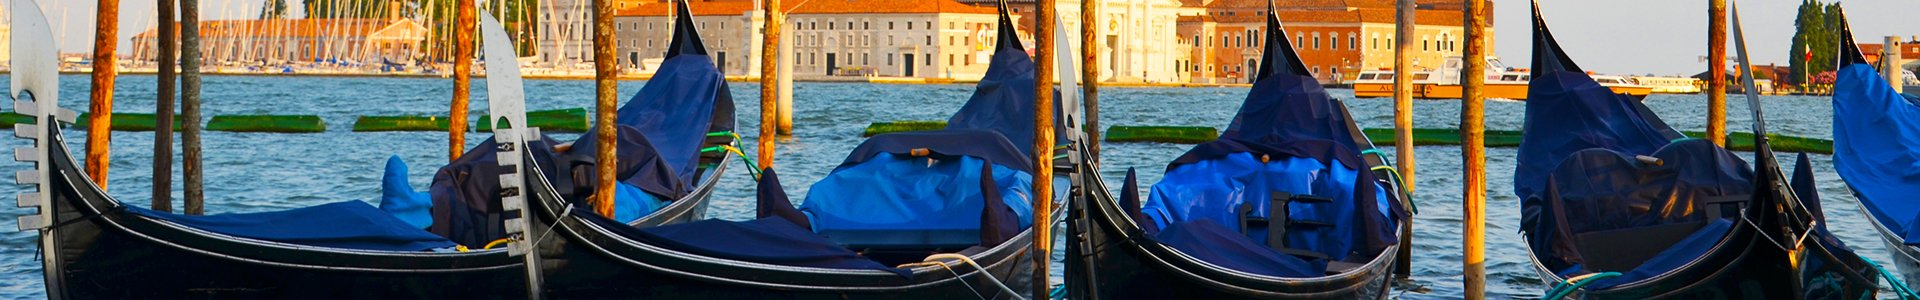 Gondels in Venetie, Italië